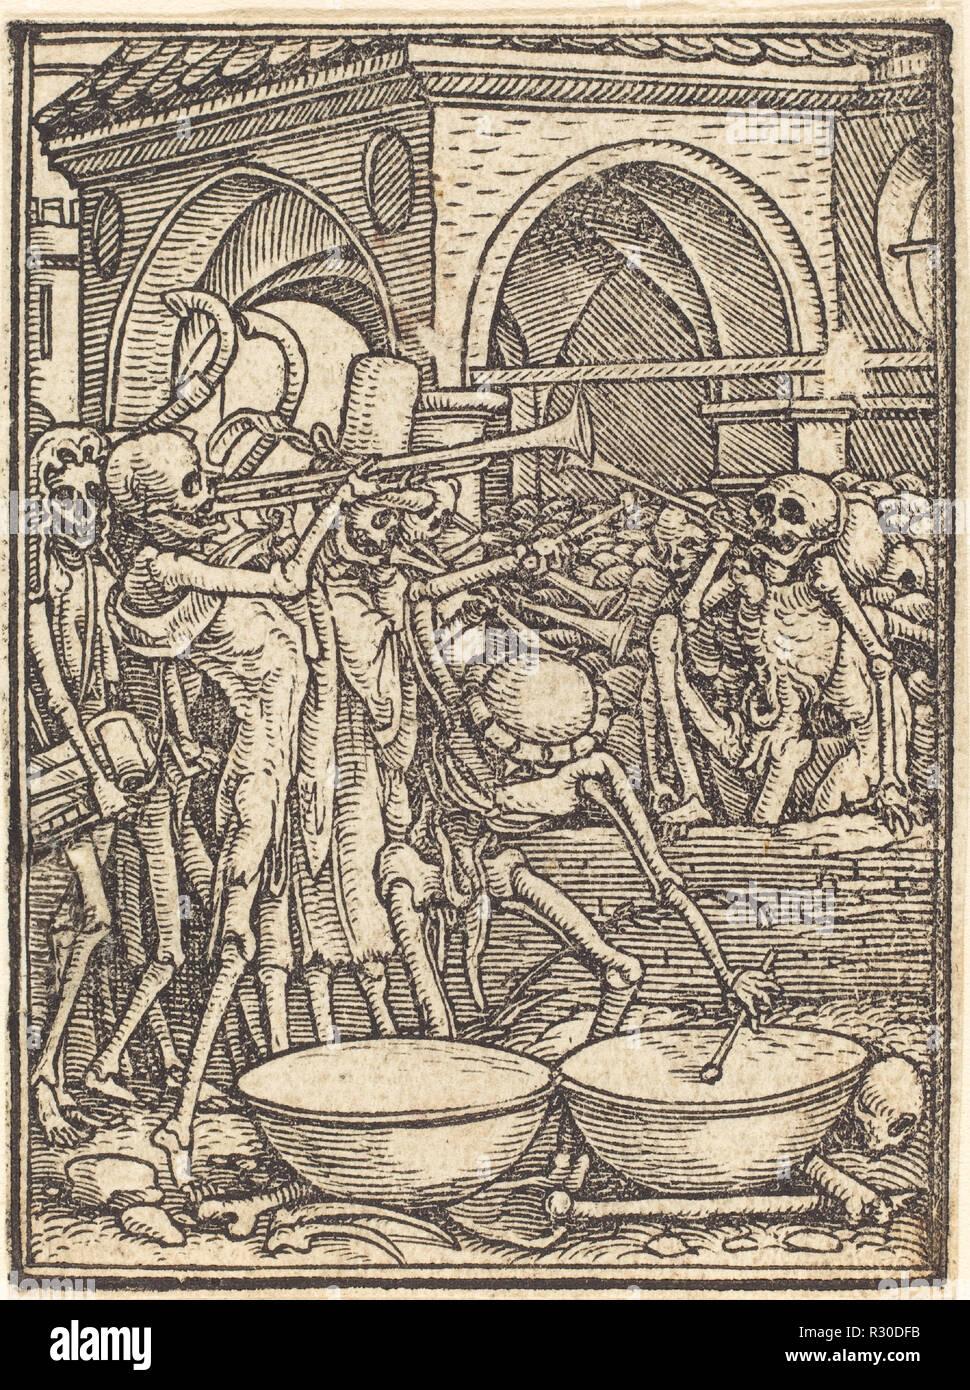 Fine dell'umanità. Medium: xilografia. Museo: National Gallery of Art di Washington DC. Autore: Hans Holbein il Giovane. Immagini Stock